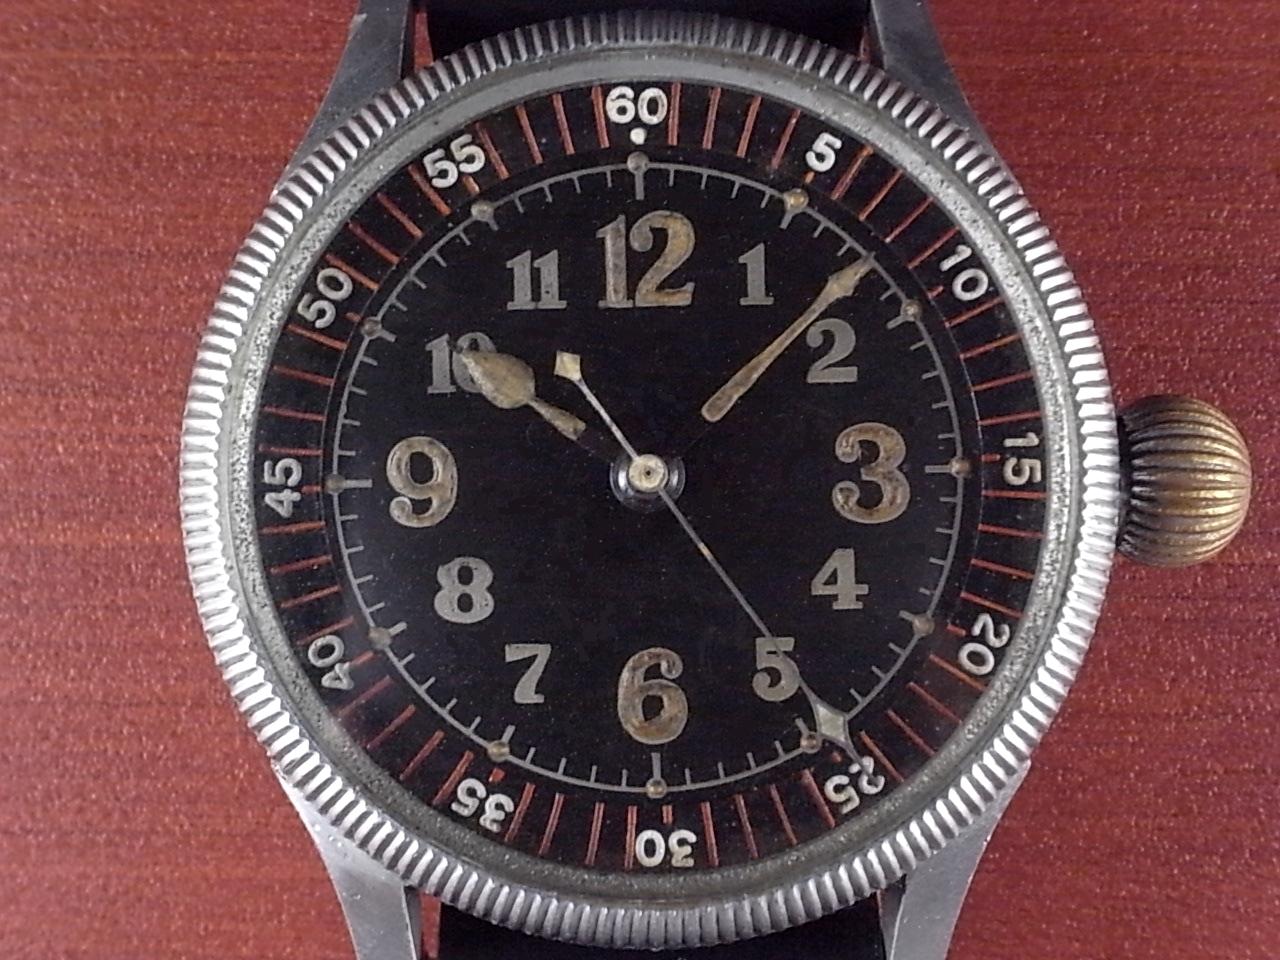 精工舎 天測時計 旧日本海軍航空隊 太平洋戦争 1940年代の写真2枚目